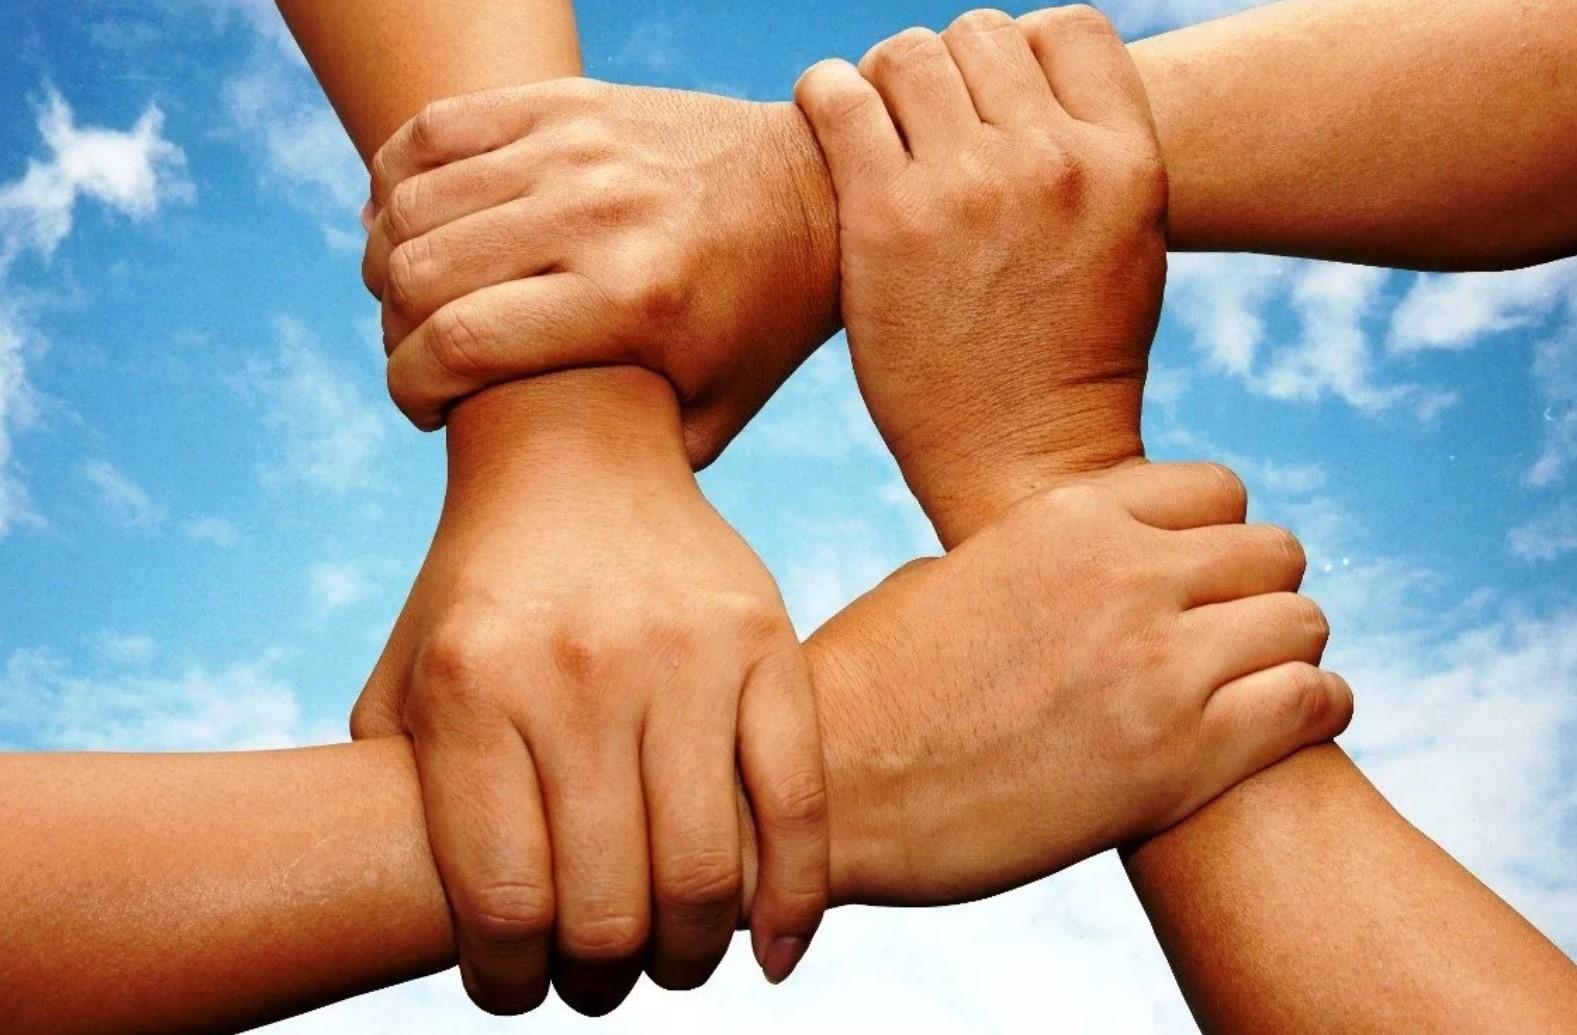 Дружба между Людьми - Что такое настоящая дружба и для чего она нужна?